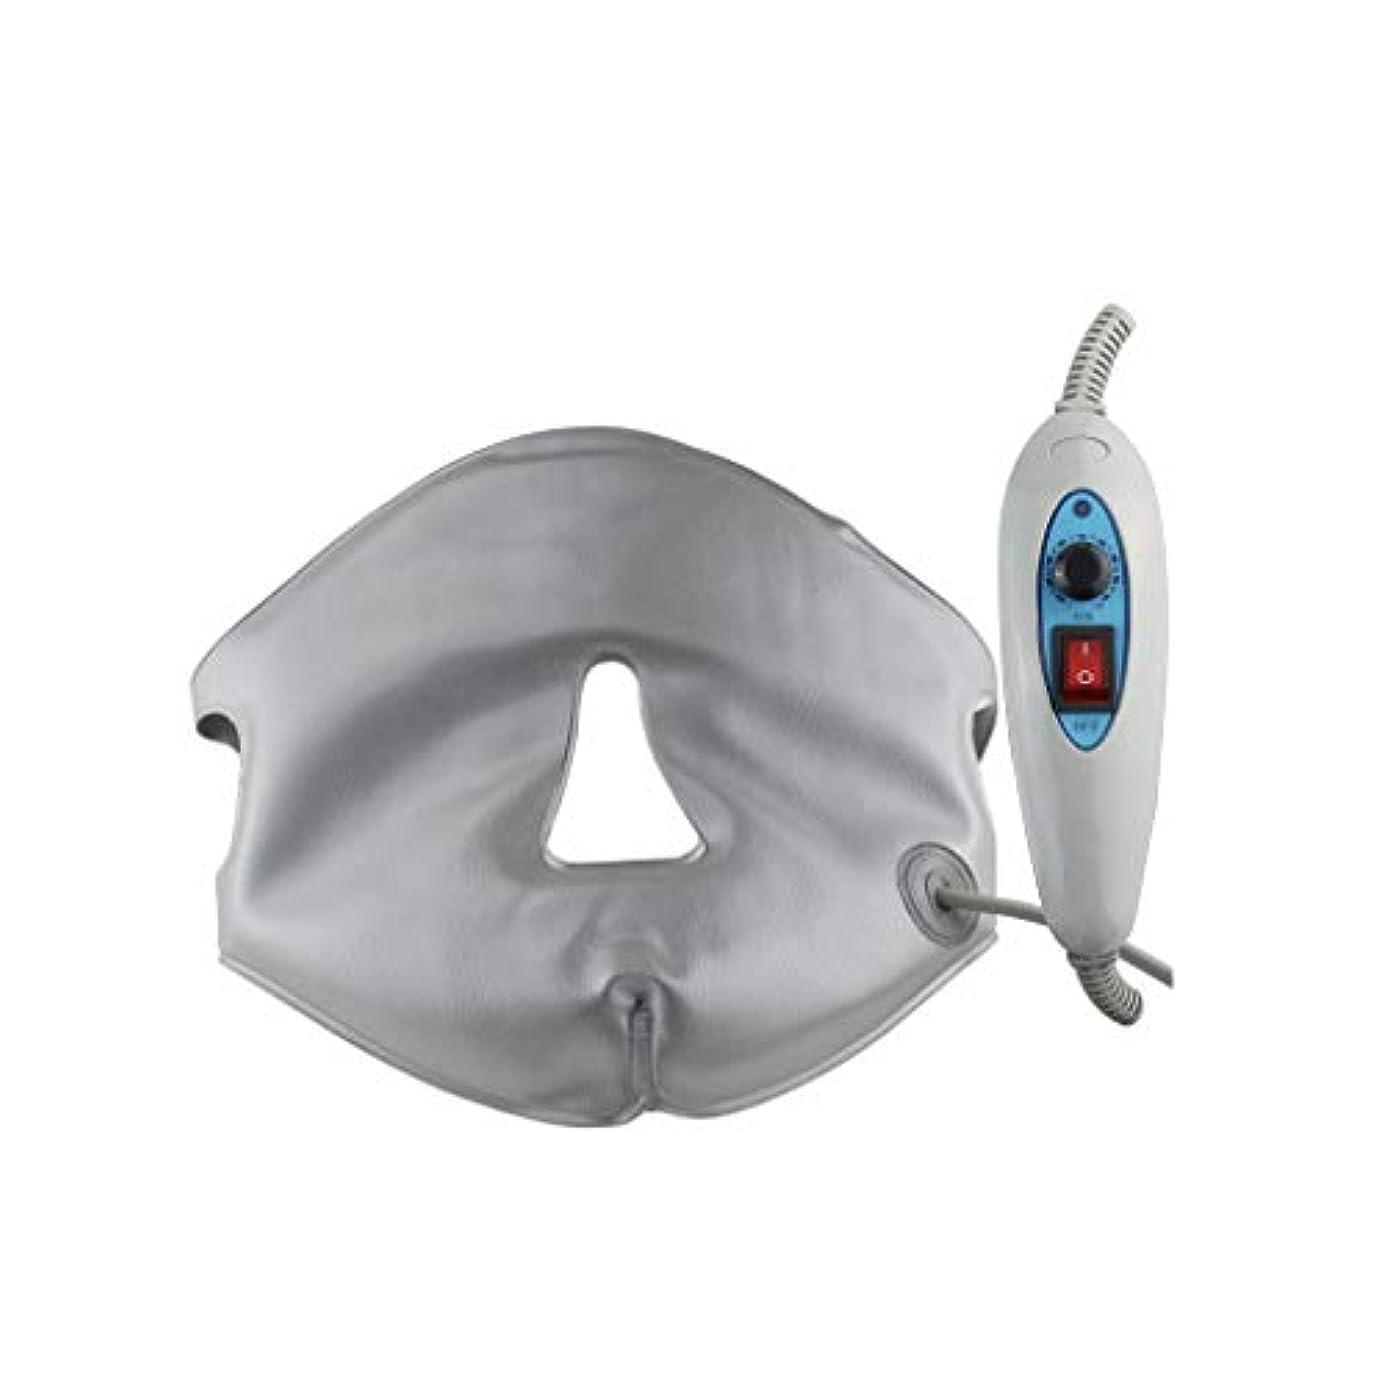 抑制社員順応性LJK フェイスリフティングマスク、フェイシャルスリミング、遠赤外線ホワイトニングと若返りホットコンプレス、フェイシャルマッサージ、ハイドレーティングVフェイスマスク、美容機器